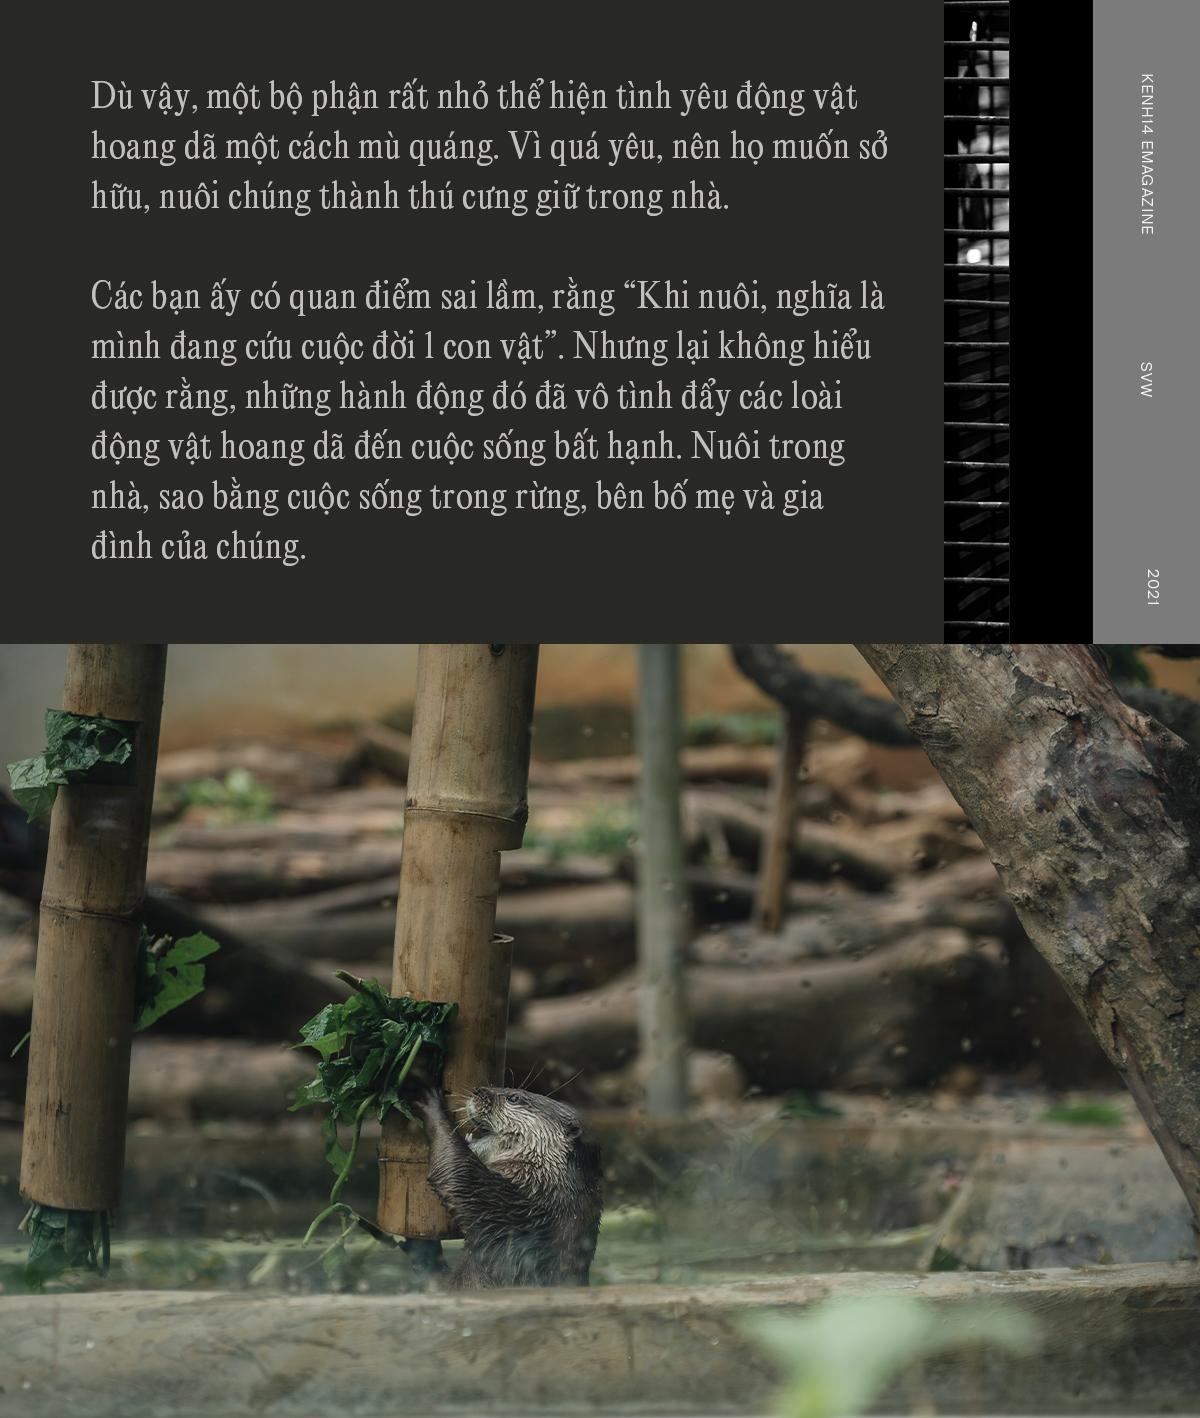 """Đi tìm công bằng cho tê tê - Câu chuyện đầy xúc động của Nhà bảo tồn đầu tiên tại Việt Nam dành giải thưởng danh giá Nobel xanh"""" - Ảnh 35."""